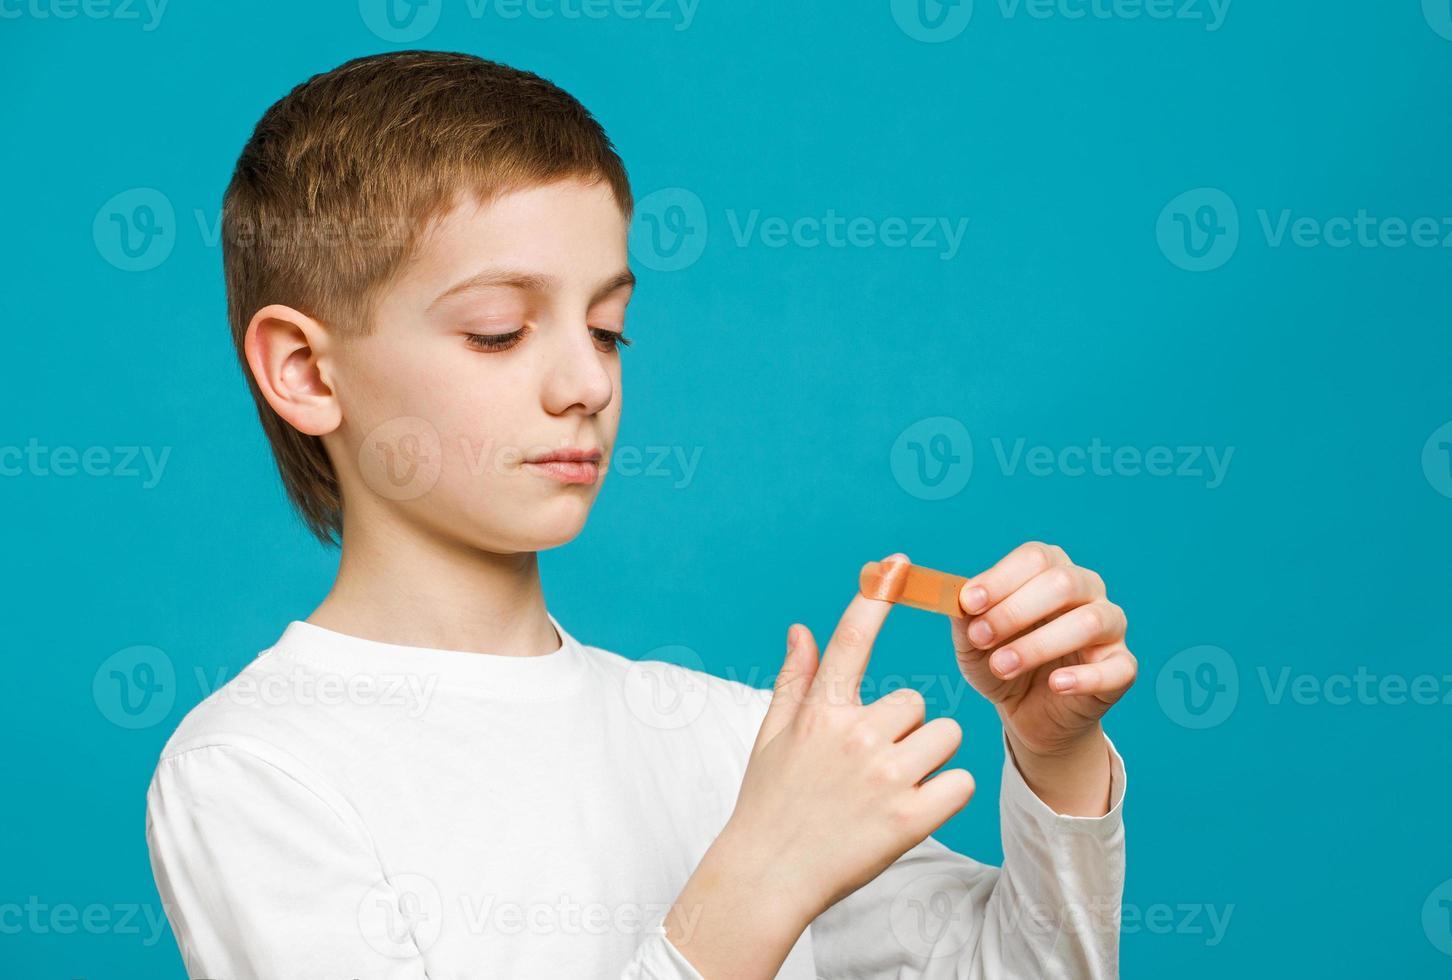 jongen klevend pleister op zijn hand foto